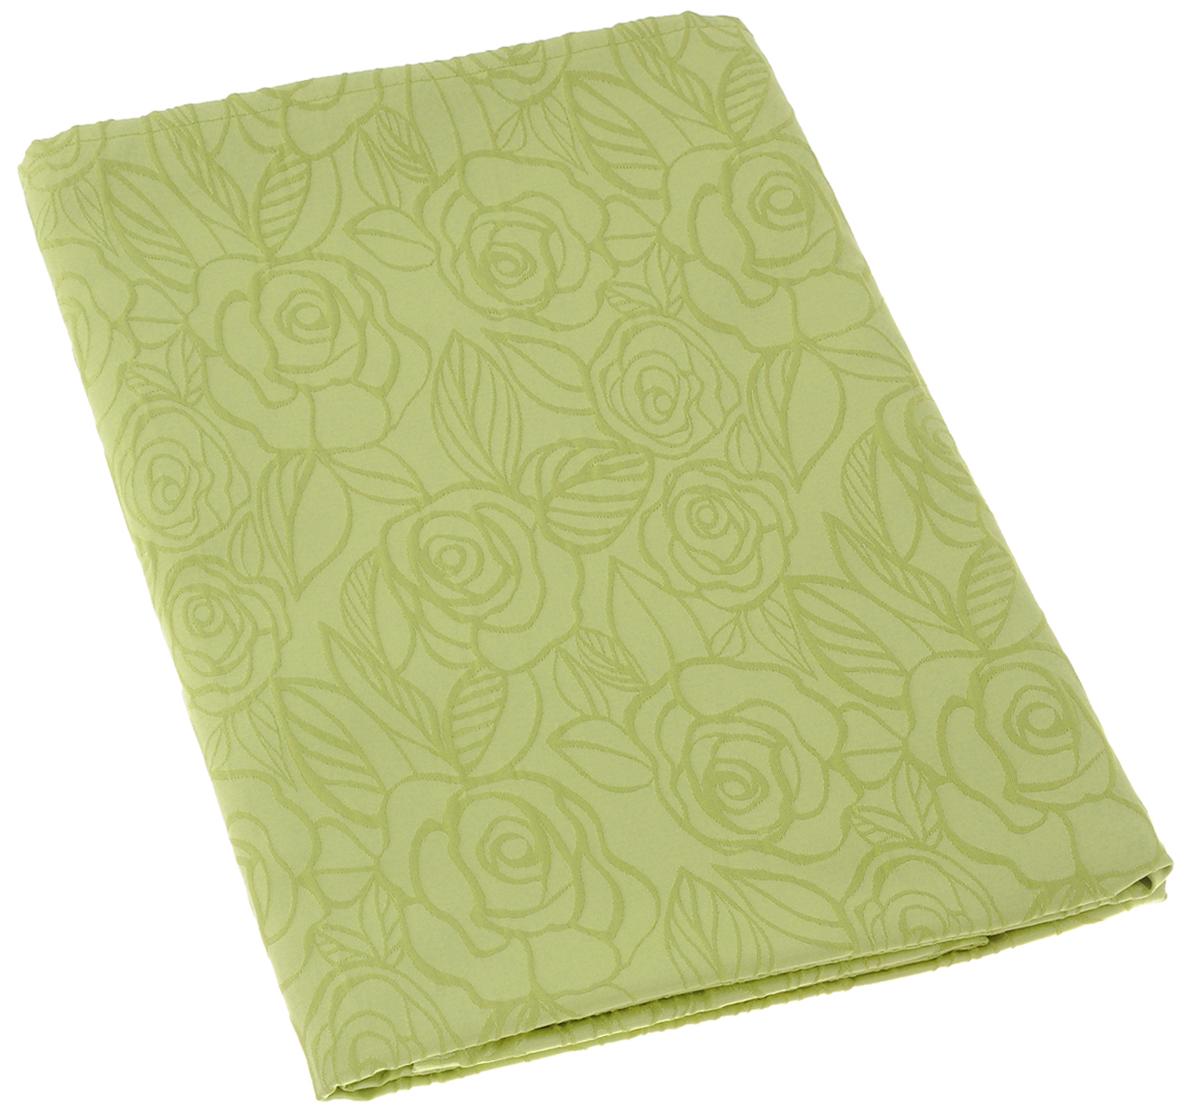 Скатерть Schaefer, прямоугольная, цвет: светло-зеленый, 130 х 160 см. 07548-42707548-427Изящная прямоугольная скатерть Schaefer, выполненная из плотного полиэстера с водоотталкивающей пропиткой, станет украшением кухонного стола. Изделие декорировано рельефным цветочным узором.За текстилем из полиэстера очень легко ухаживать: он не мнется, не садится и быстро сохнет, легко стирается, более долговечен, чем текстиль из натуральных волокон.Использование такой скатерти сделает застолье торжественным, поднимет настроение гостей и приятно удивит их вашим изысканным вкусом. Также вы можете использовать эту скатерть для повседневной трапезы, превратив каждый прием пищи в волшебный праздник и веселье. Это текстильное изделие станет изысканным украшением вашего дома!